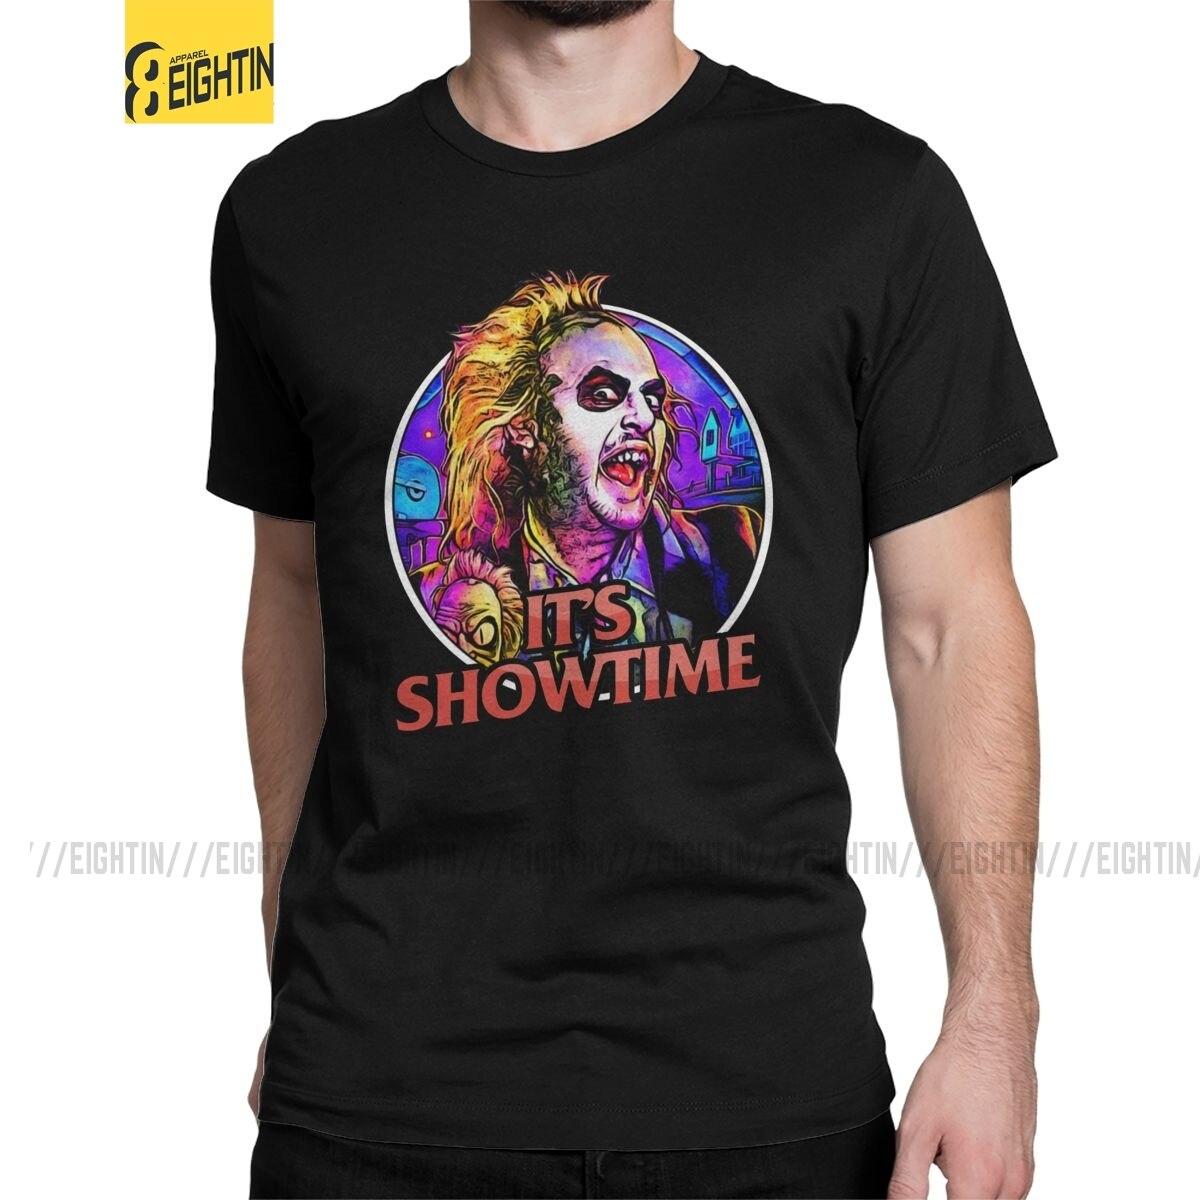 Divertido es ShowtIme Beetlejuice camisetas de algodón para hombres Camiseta de manga...